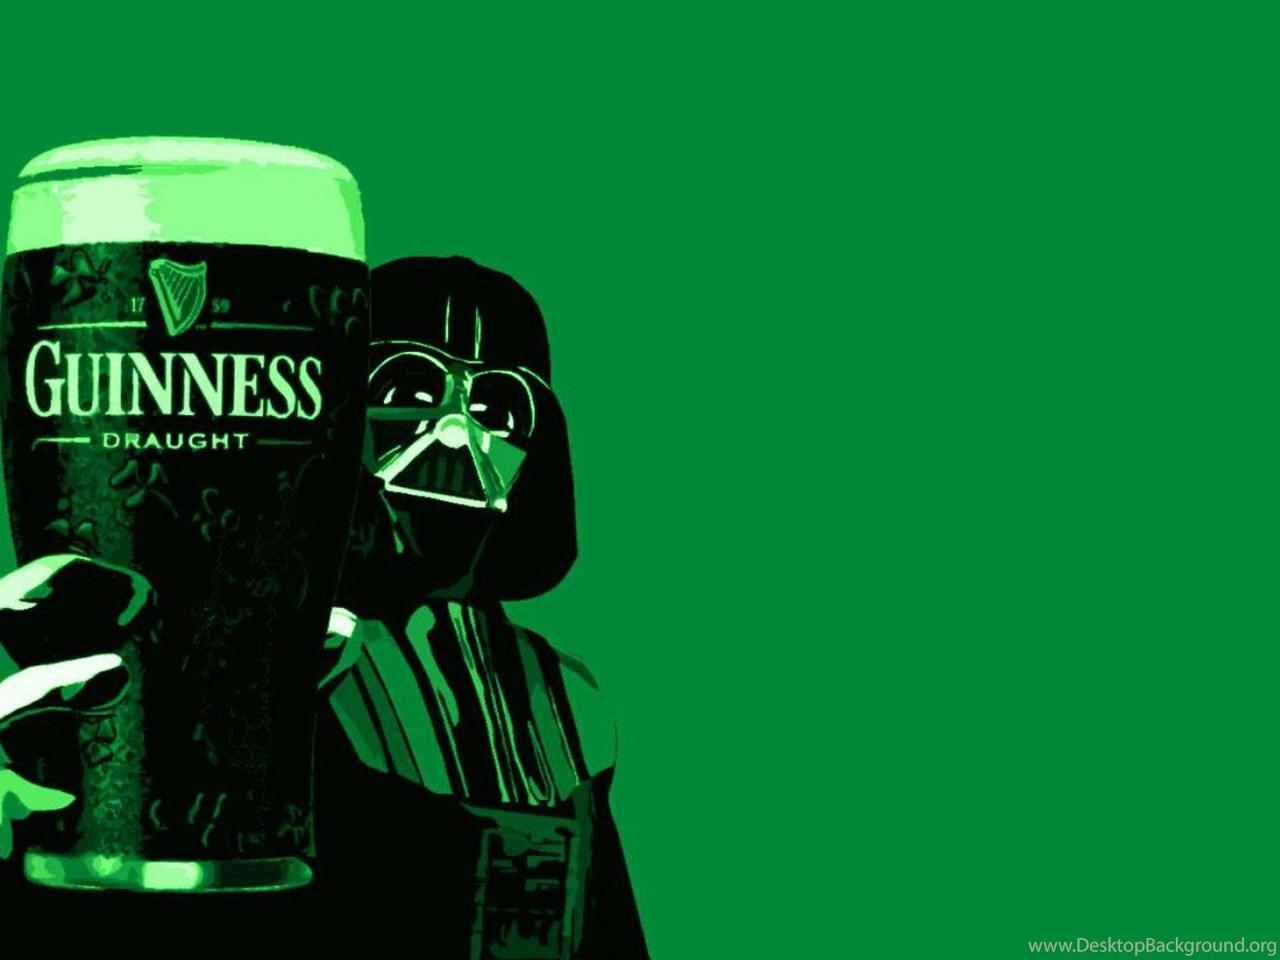 Bro Code Beer Hd Wallpaper: Beer Guinness Darth Vader Wallpapers ( Desktop Background